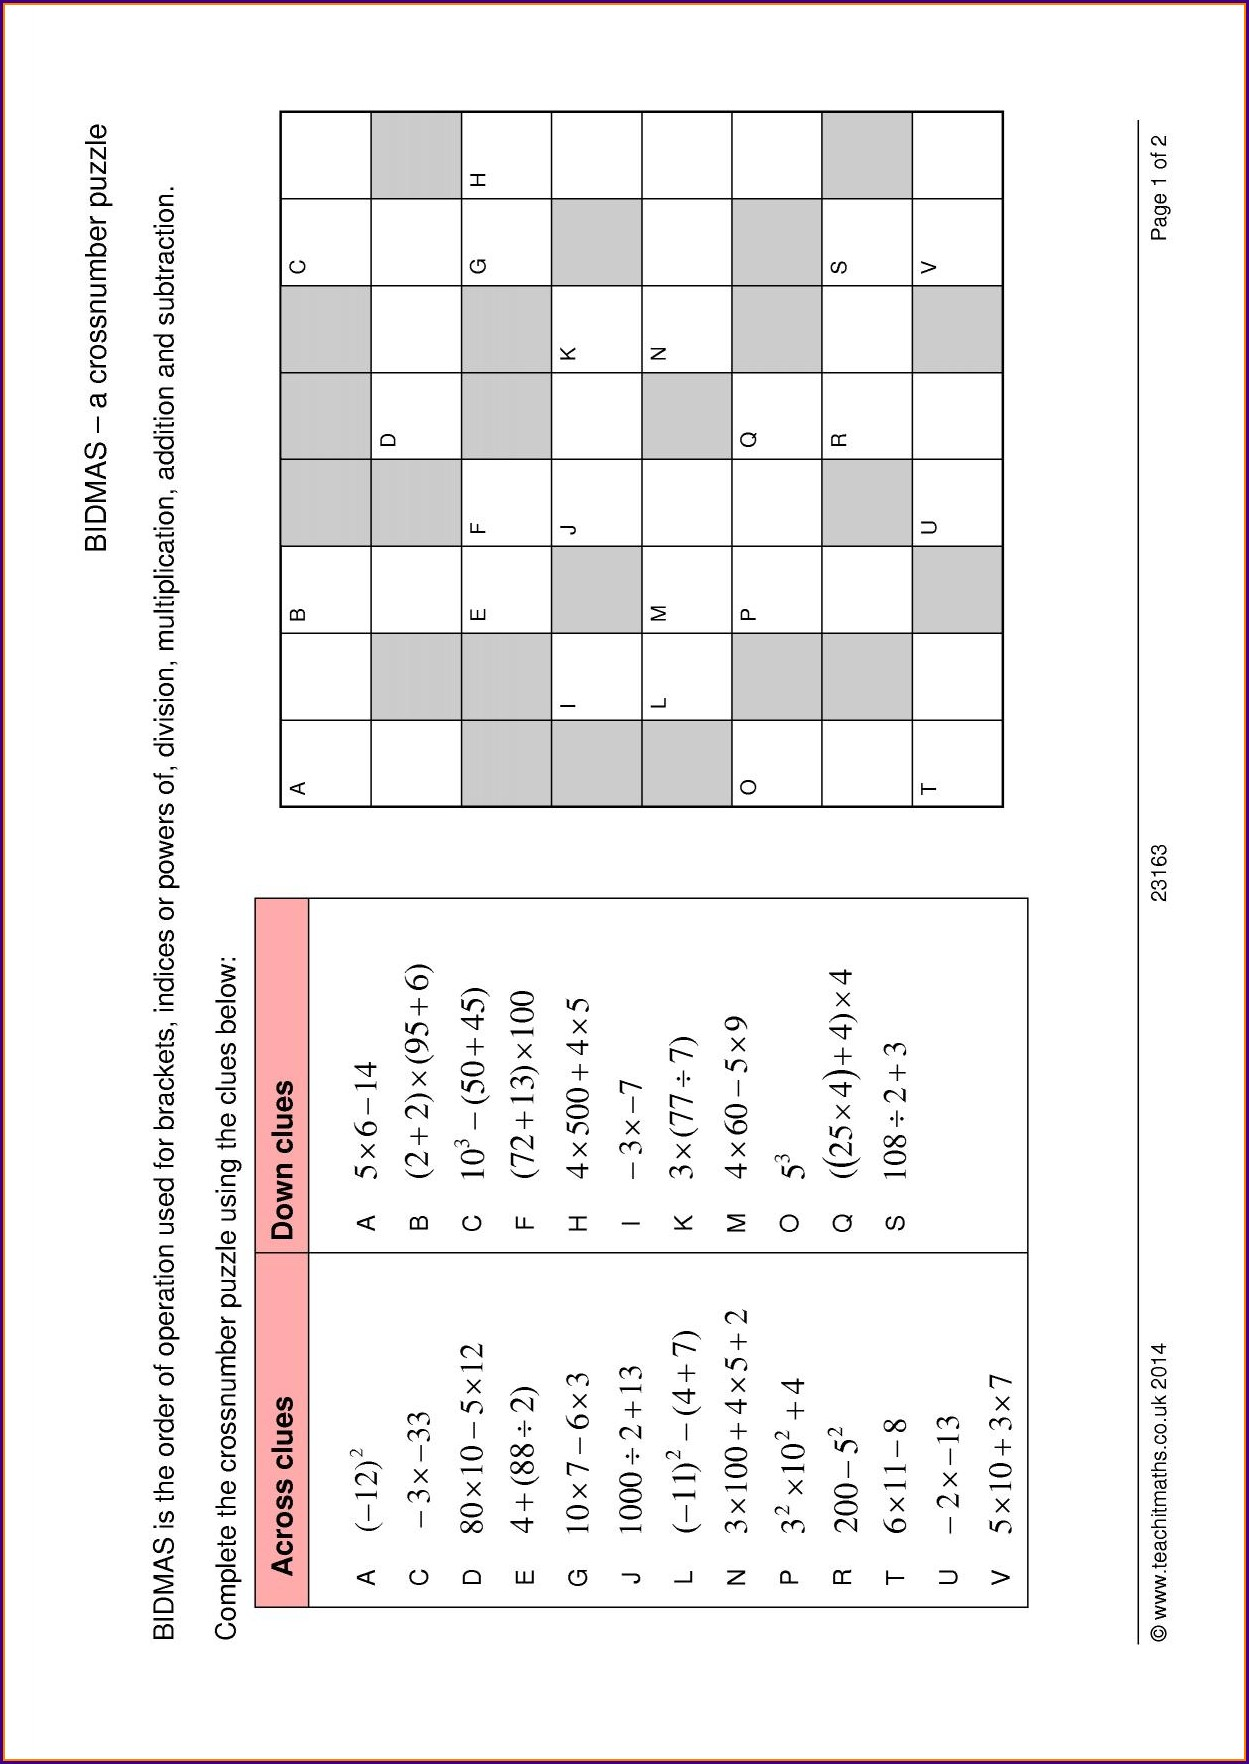 Negative Number Calculations Worksheet